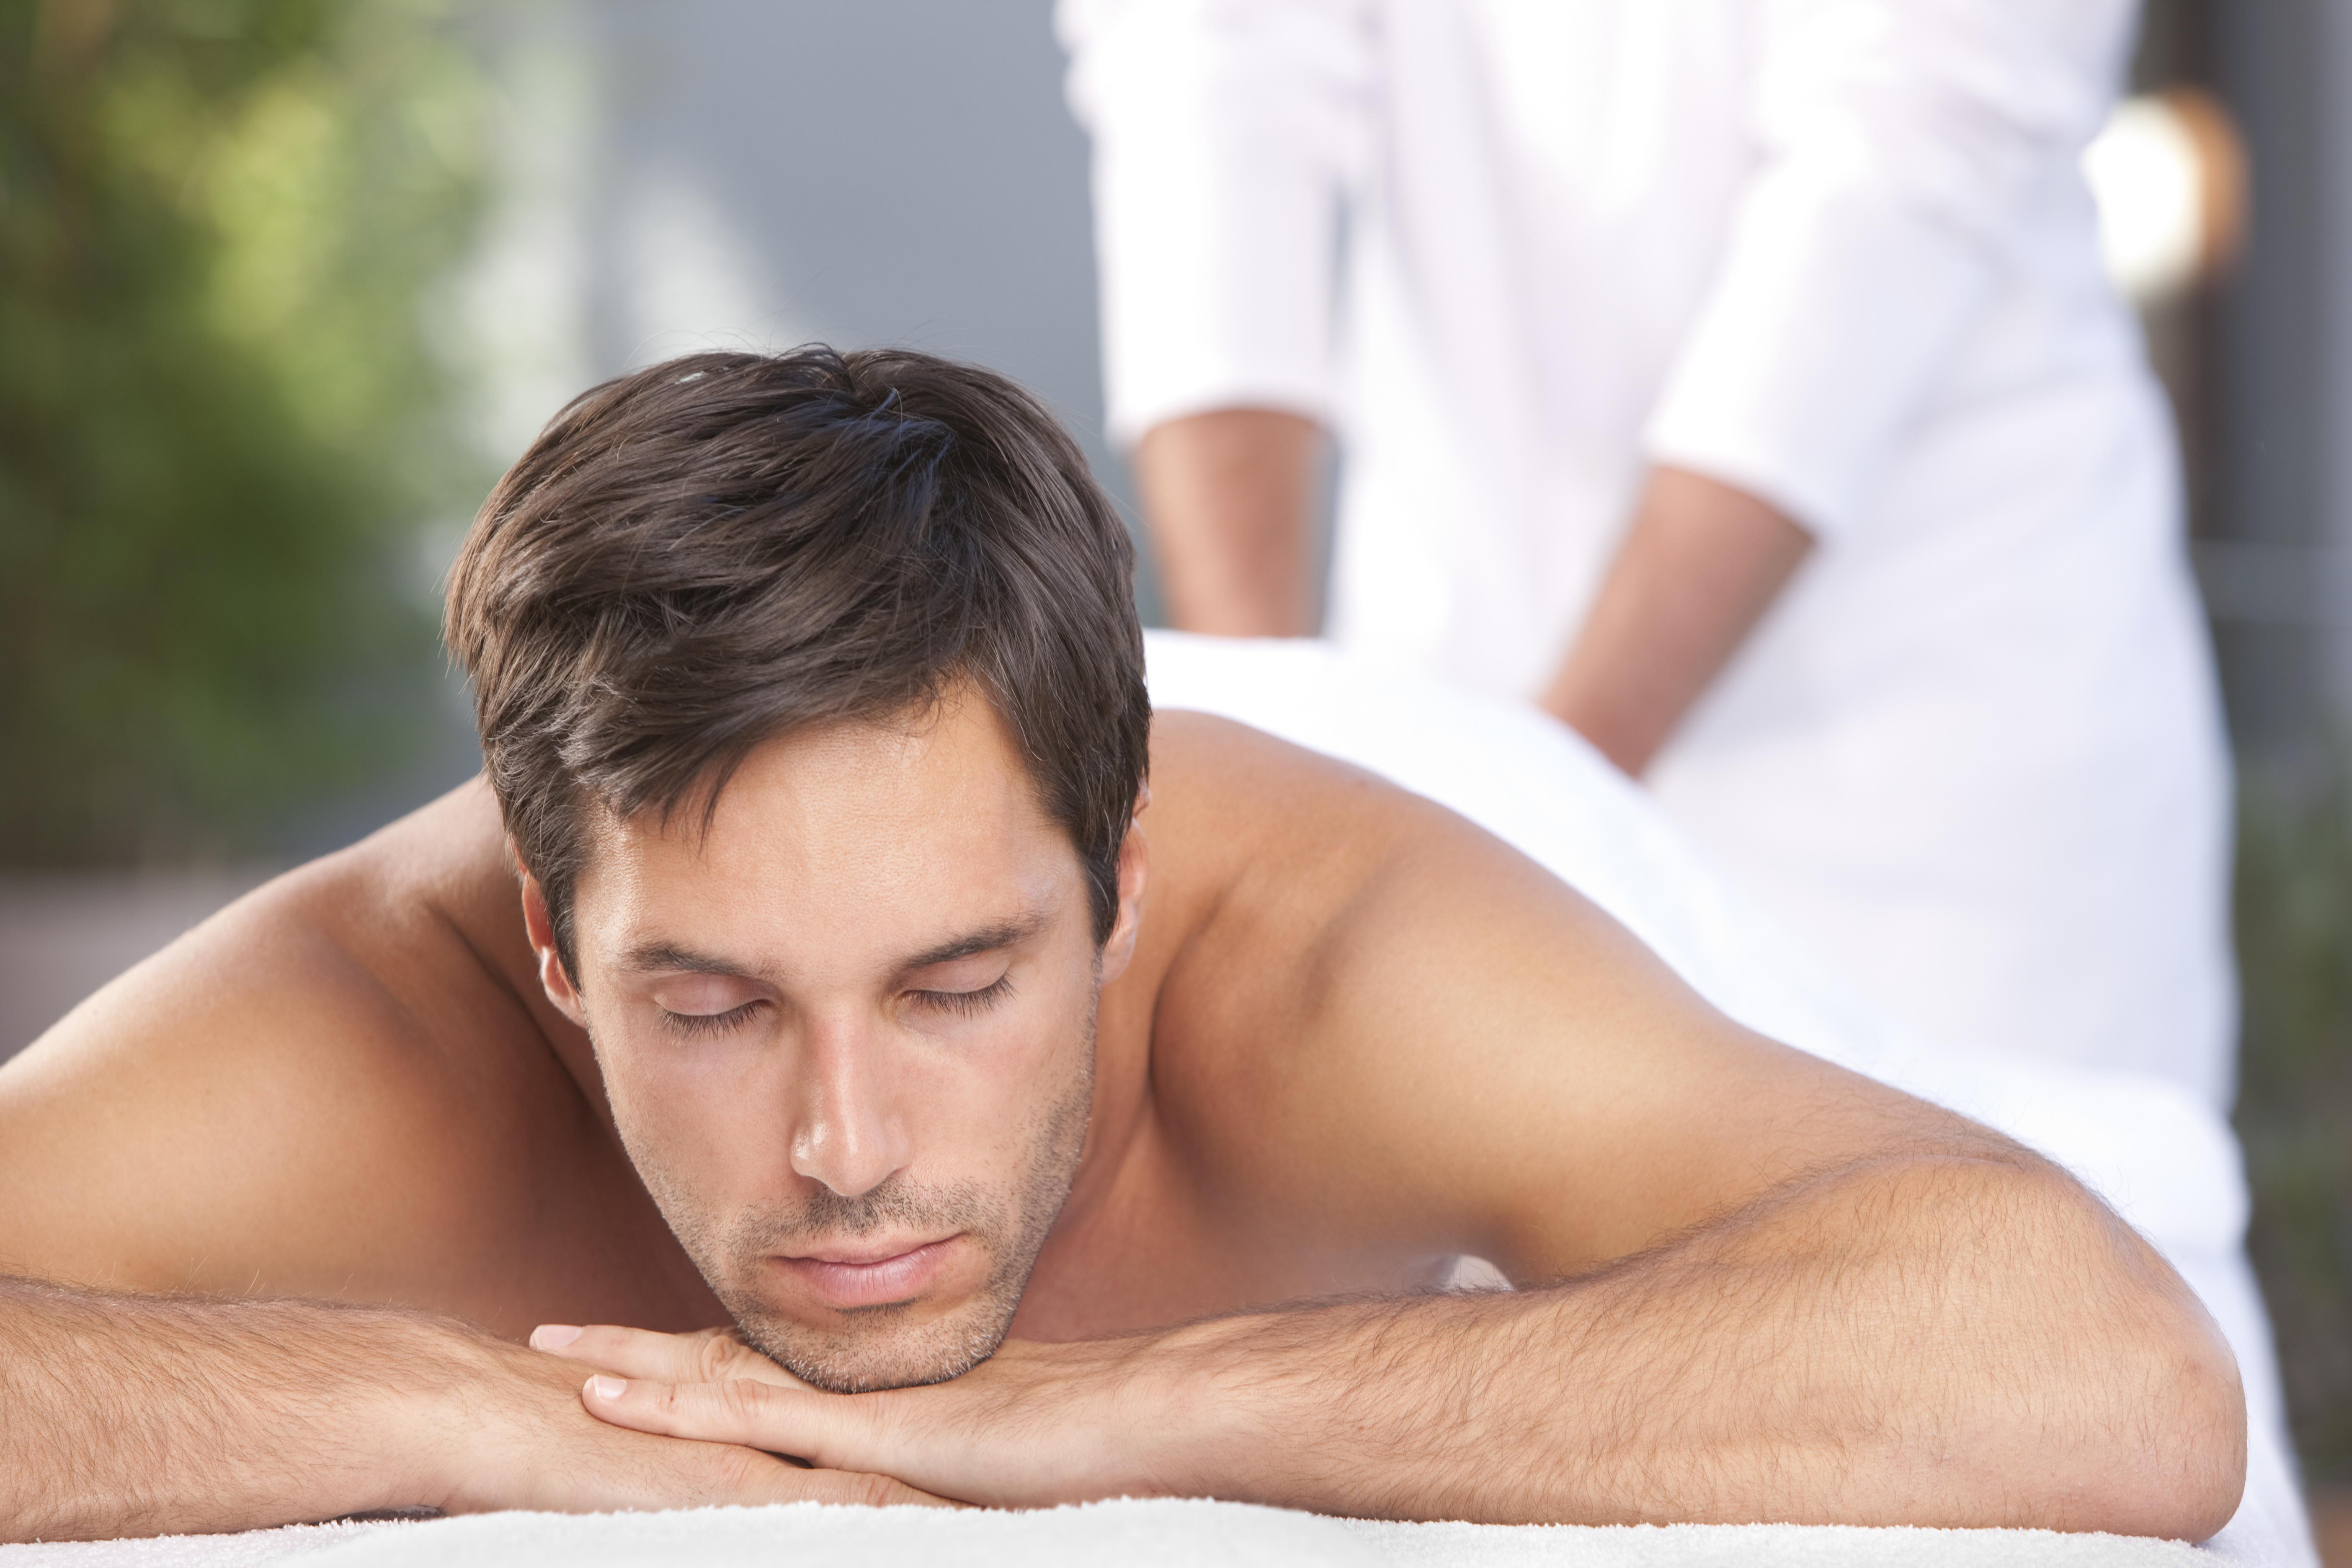 Ростов на дону эротический массаж для мужчин 13 фотография